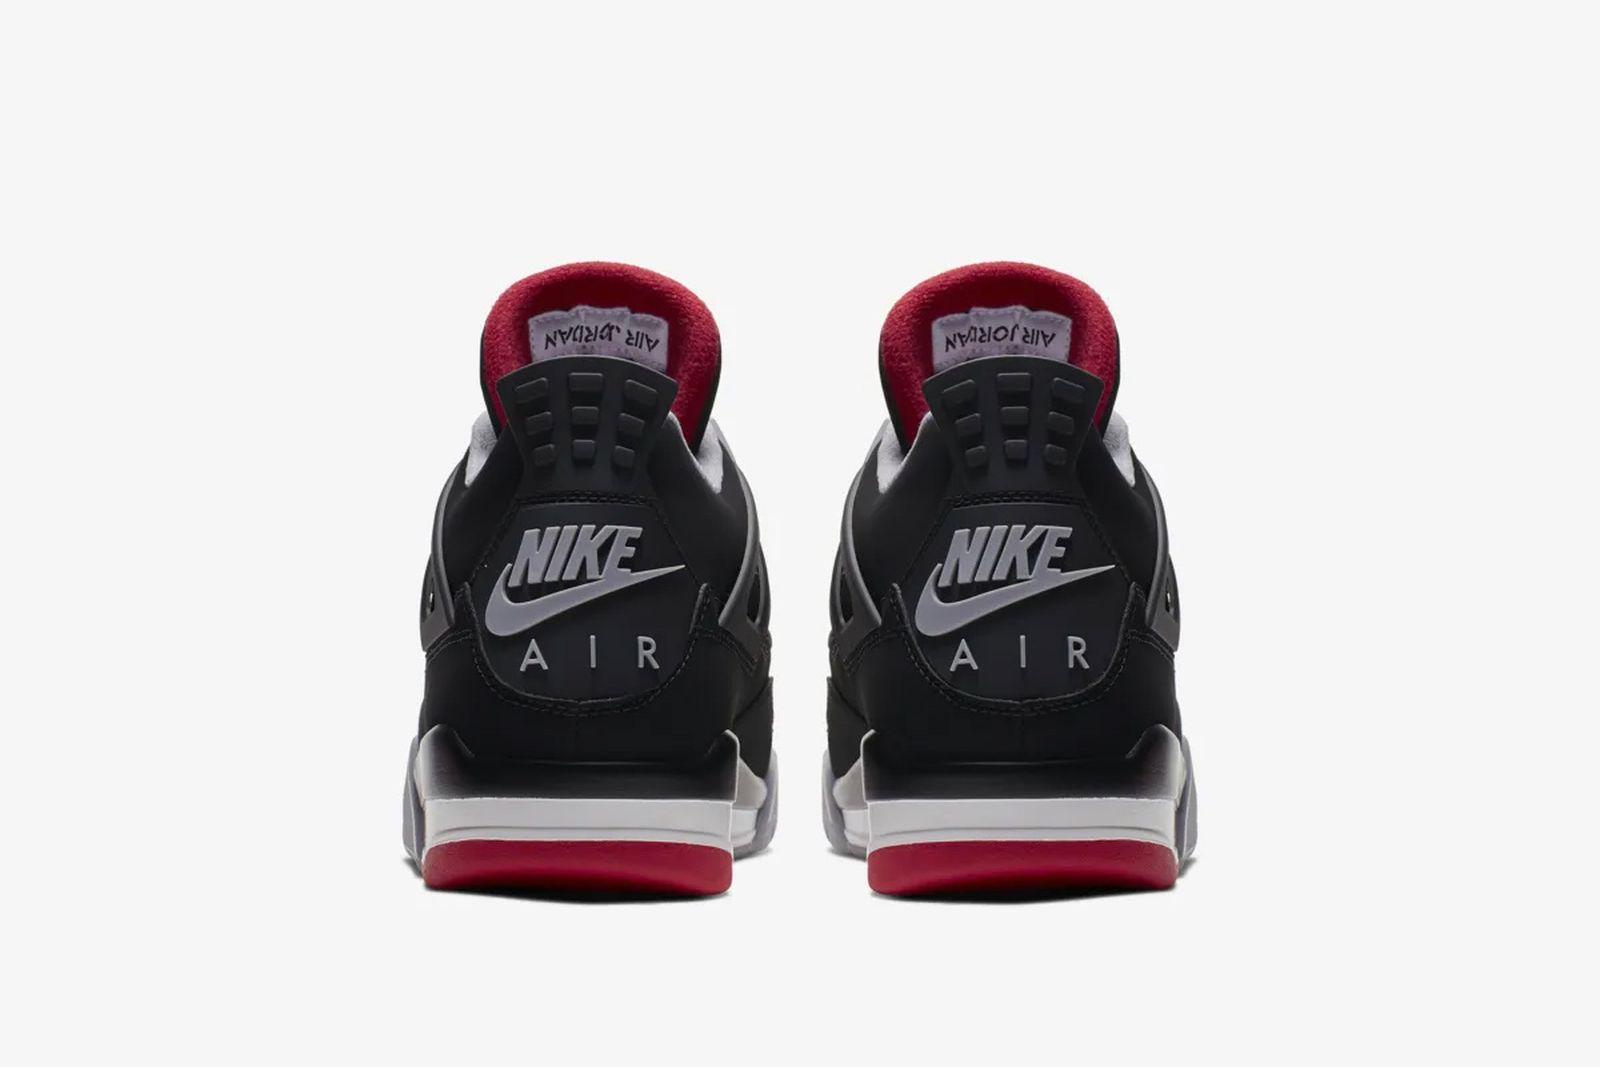 nike air jordan 4 bred release date price official jordan brand